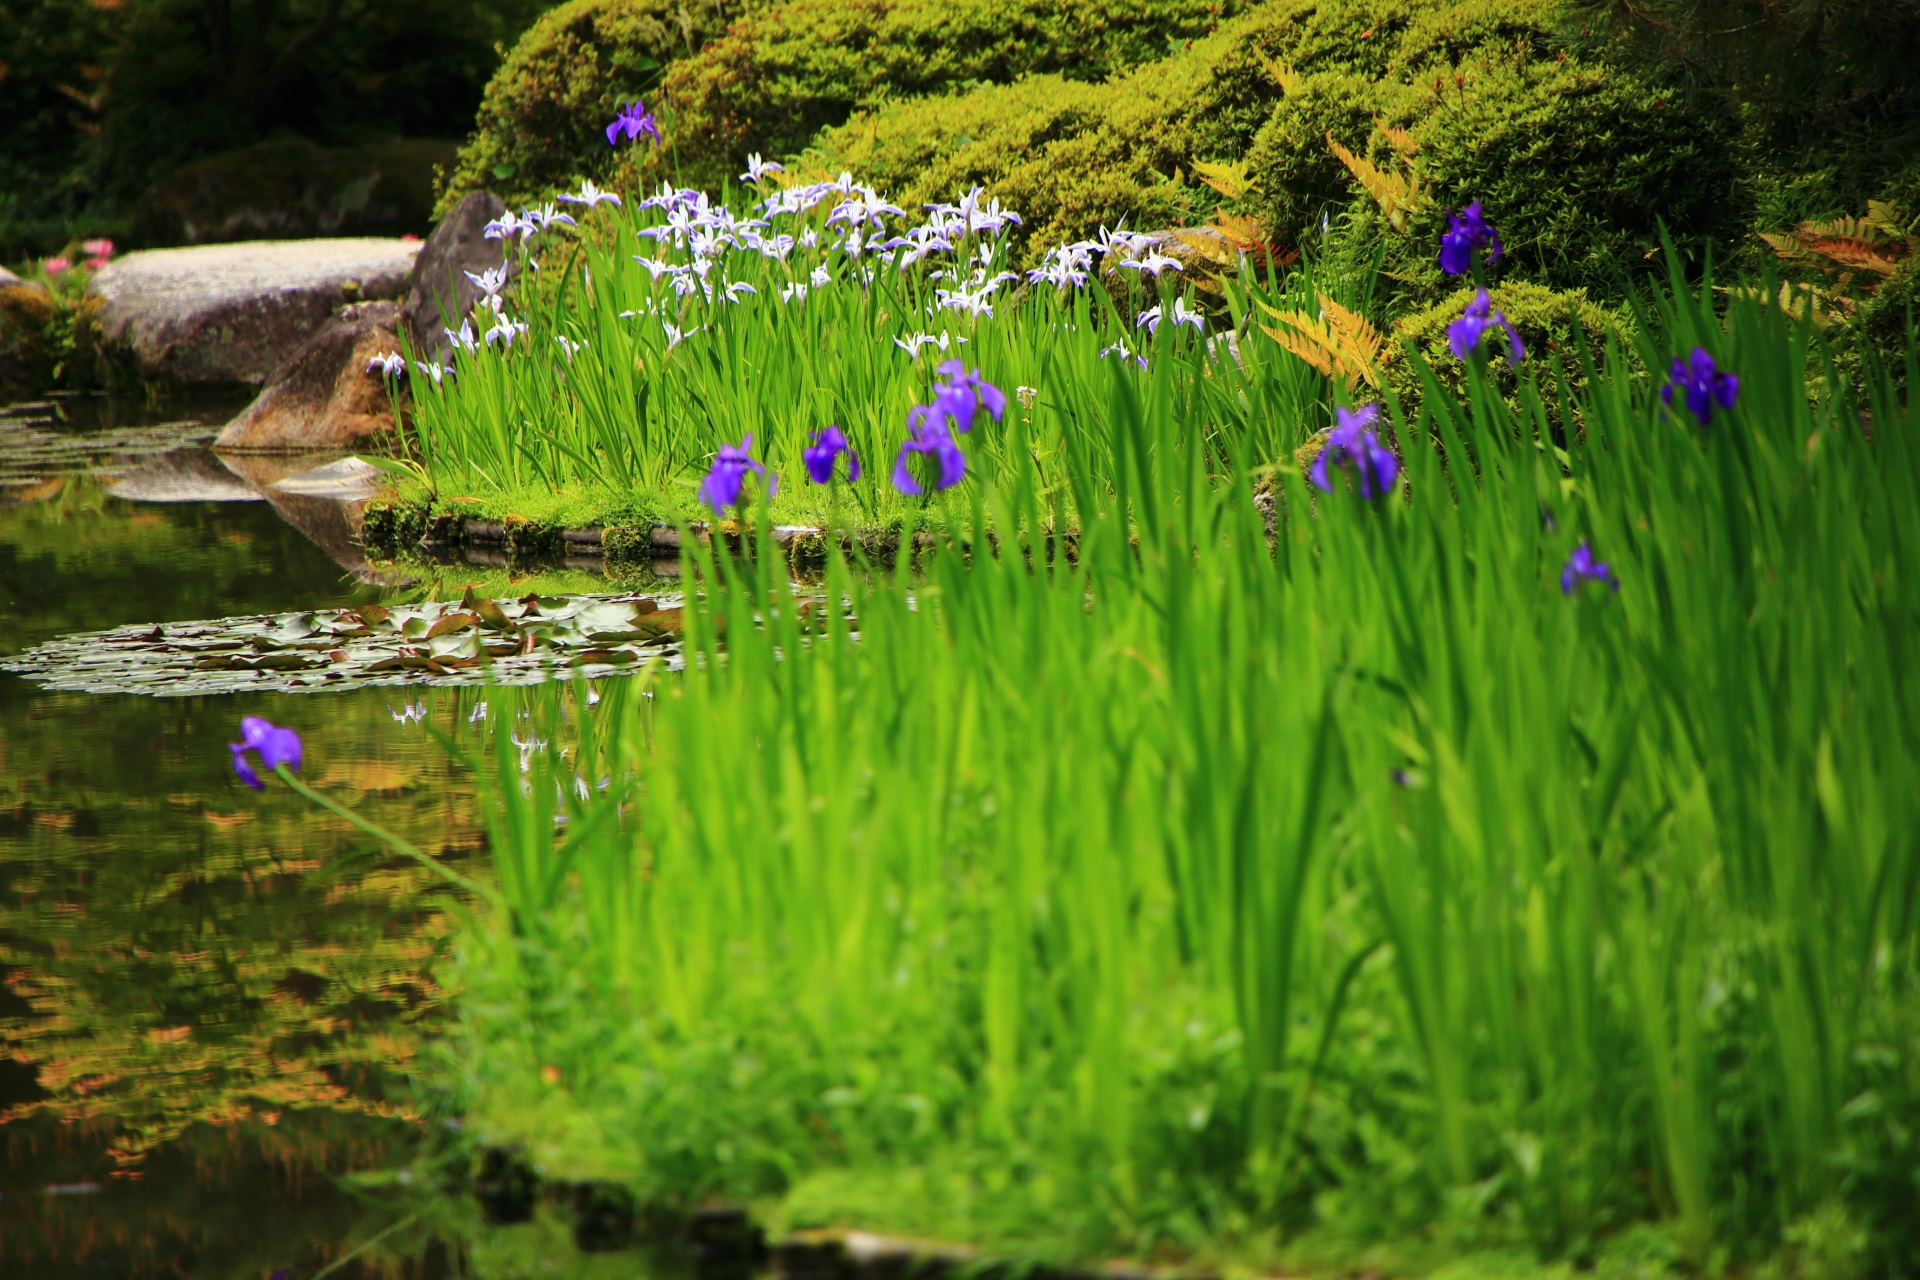 艶やかな紫の杜若の向こうに見える賑やかな折鶴